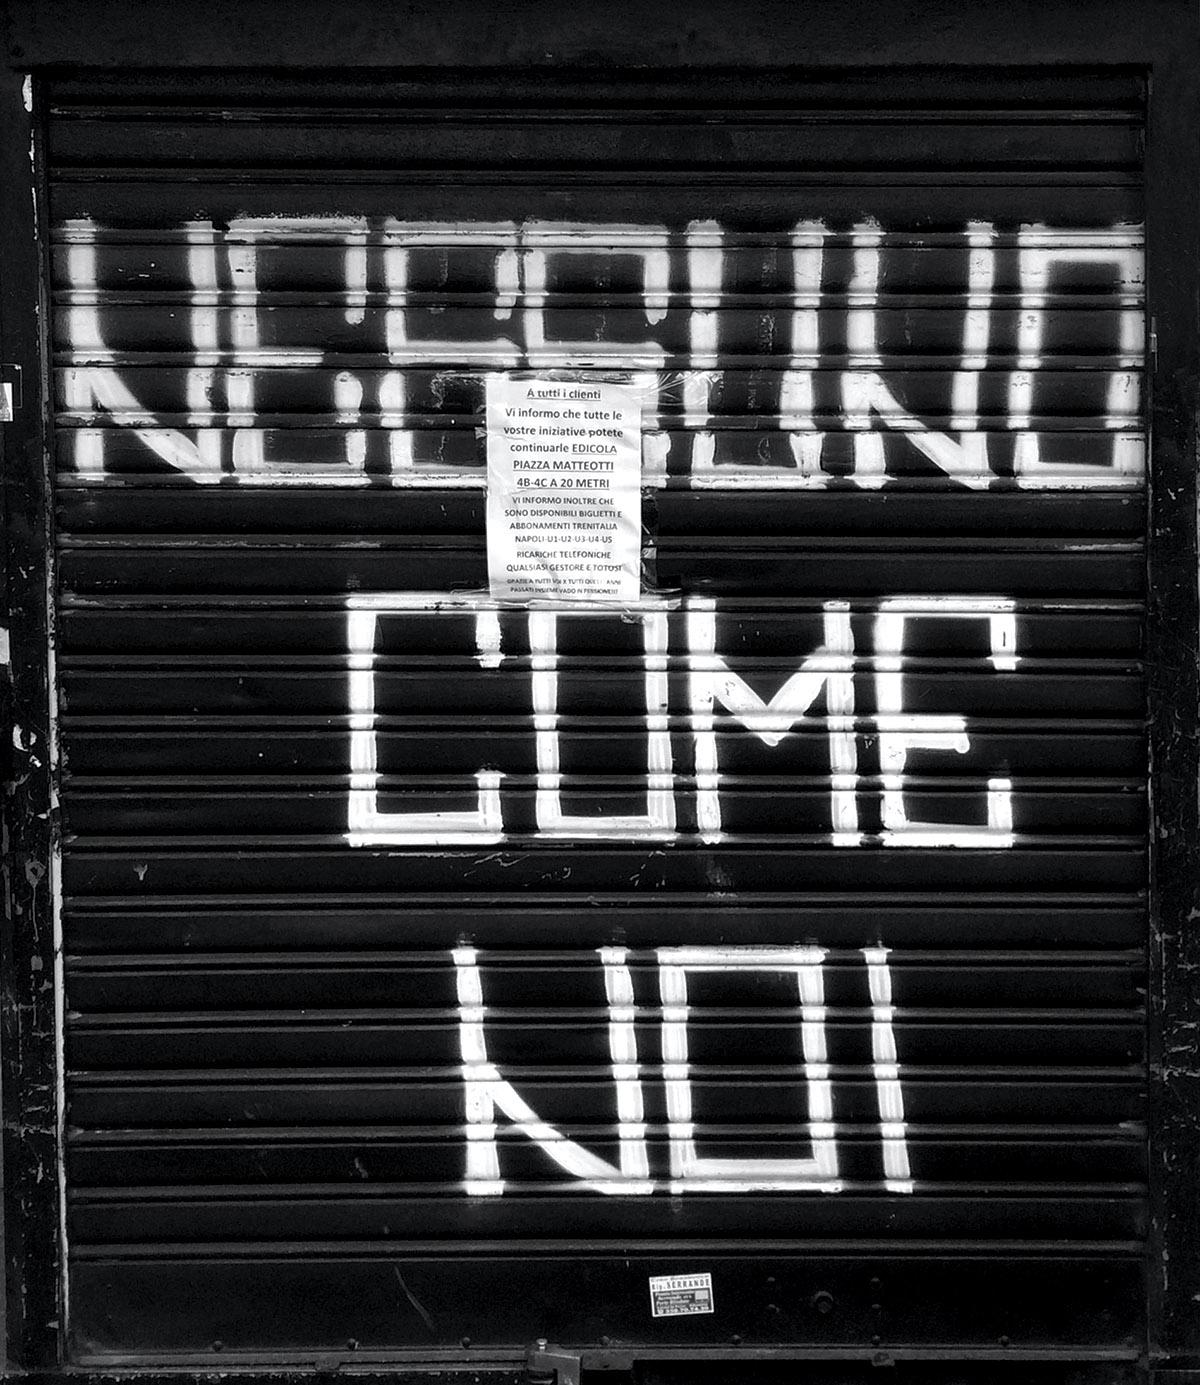 Nessuno come noi (2014) - Antoni Muntadas